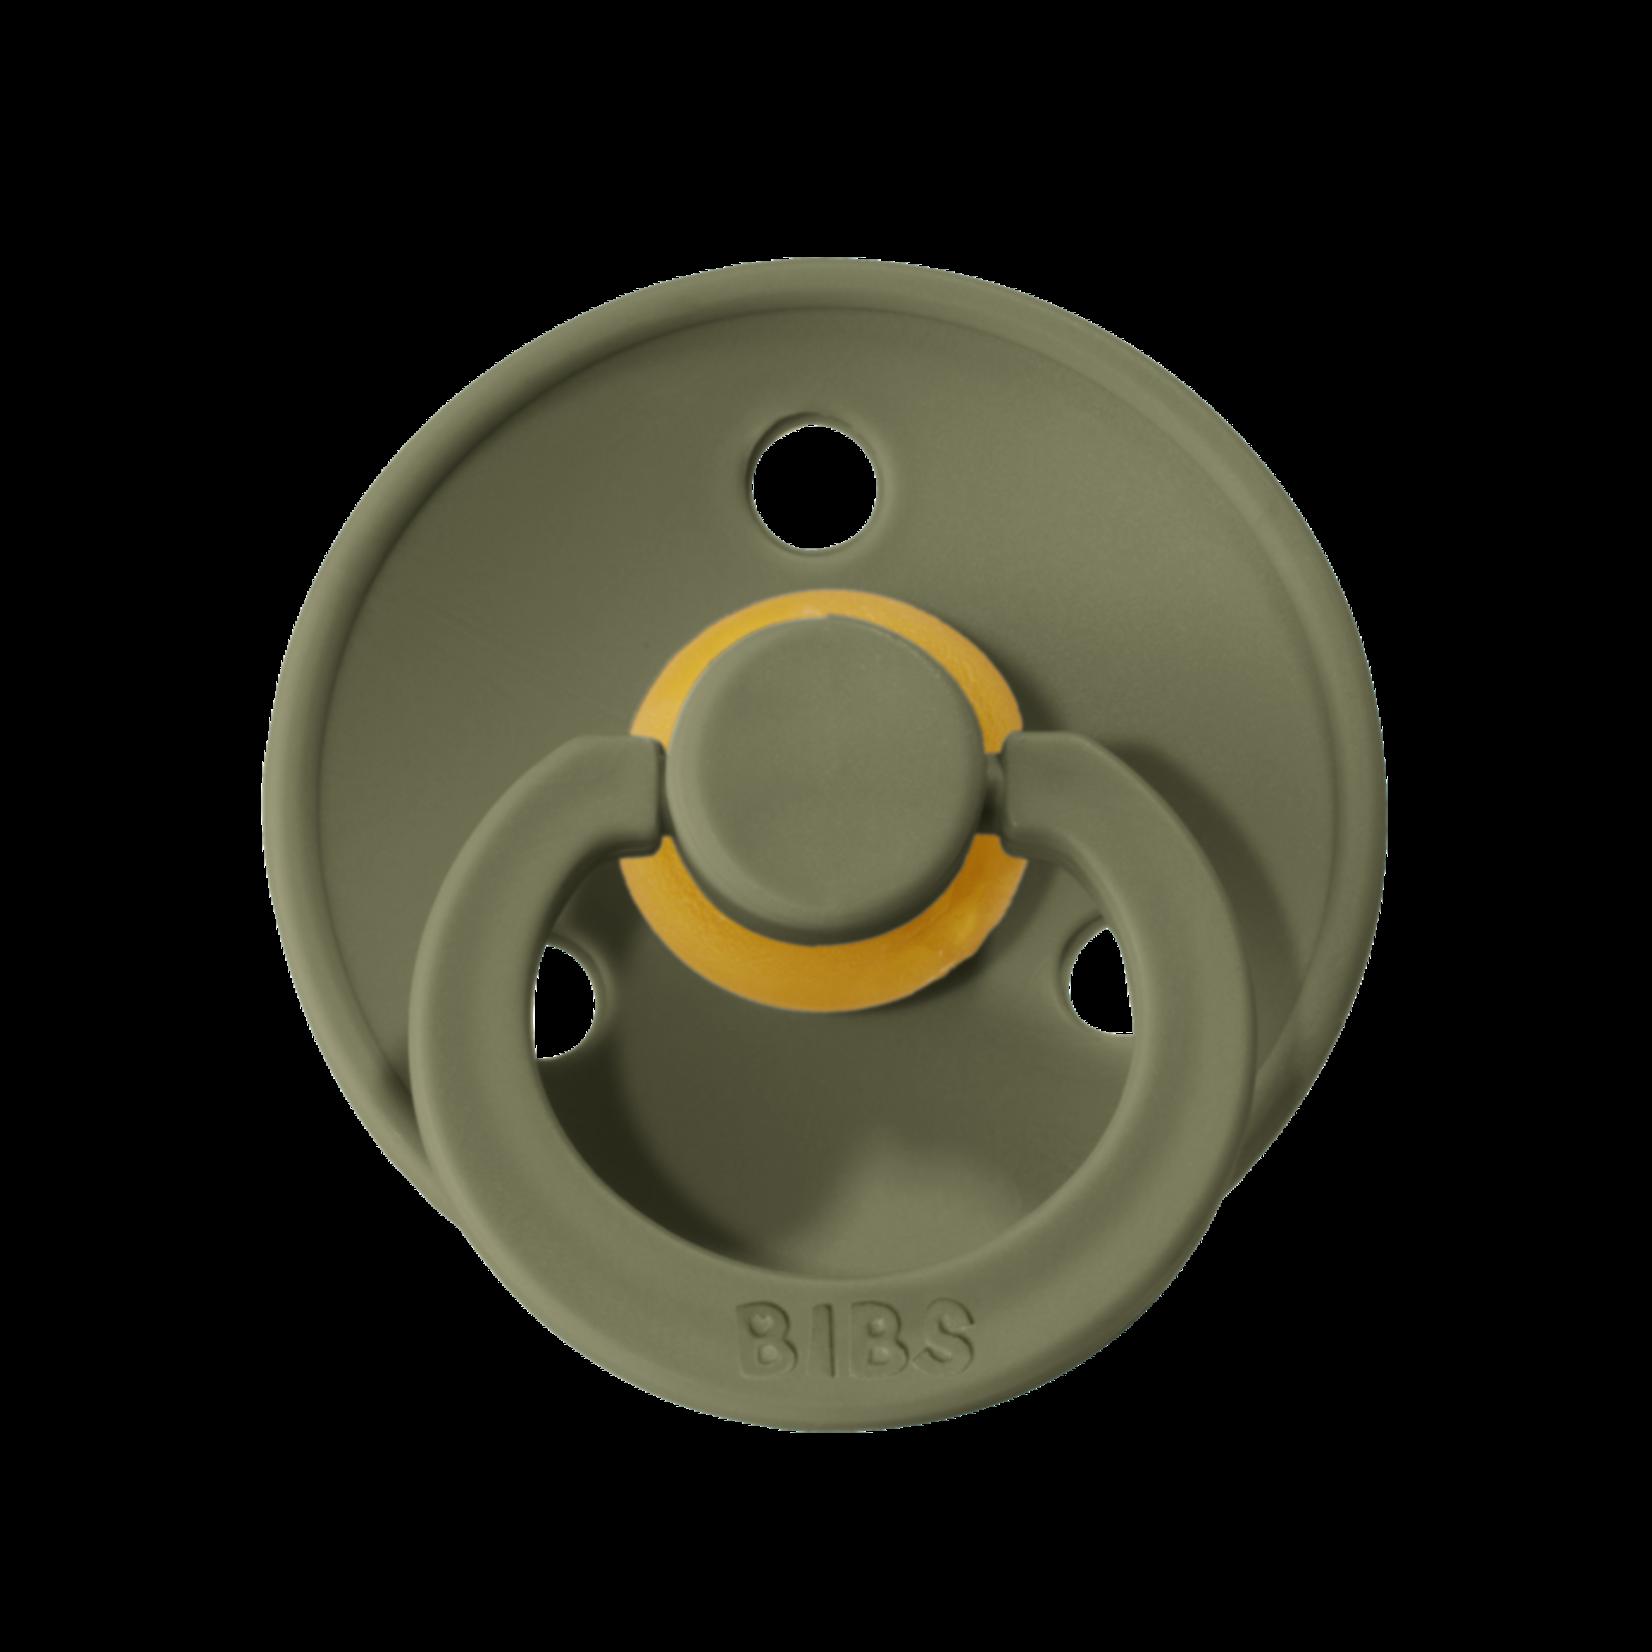 BIBS Fopspeen T2 6-18maanden Olive